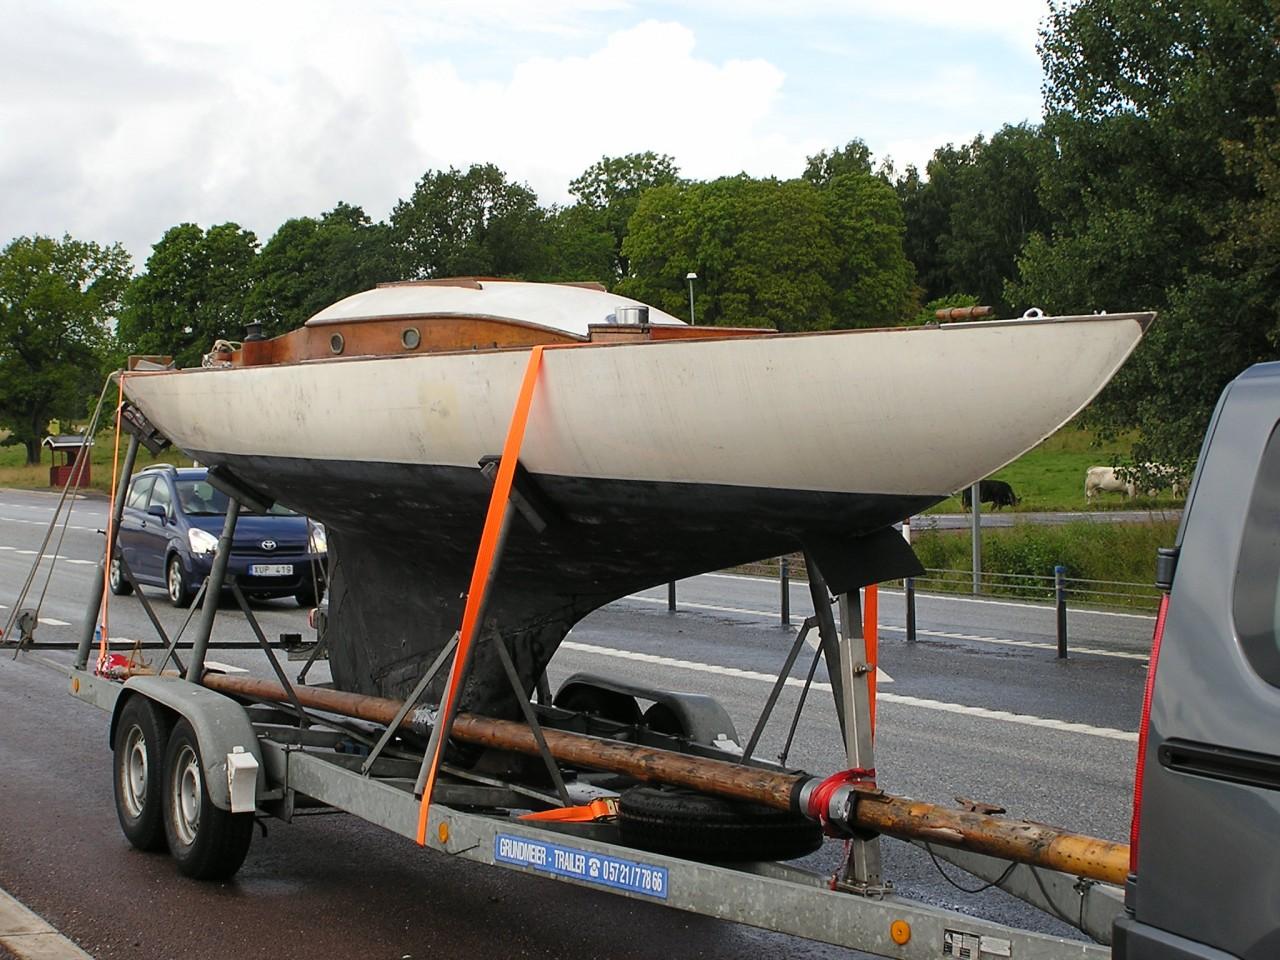 holzboot-restaurierung: sk15 solgun (schärenkreuzer aus holz)